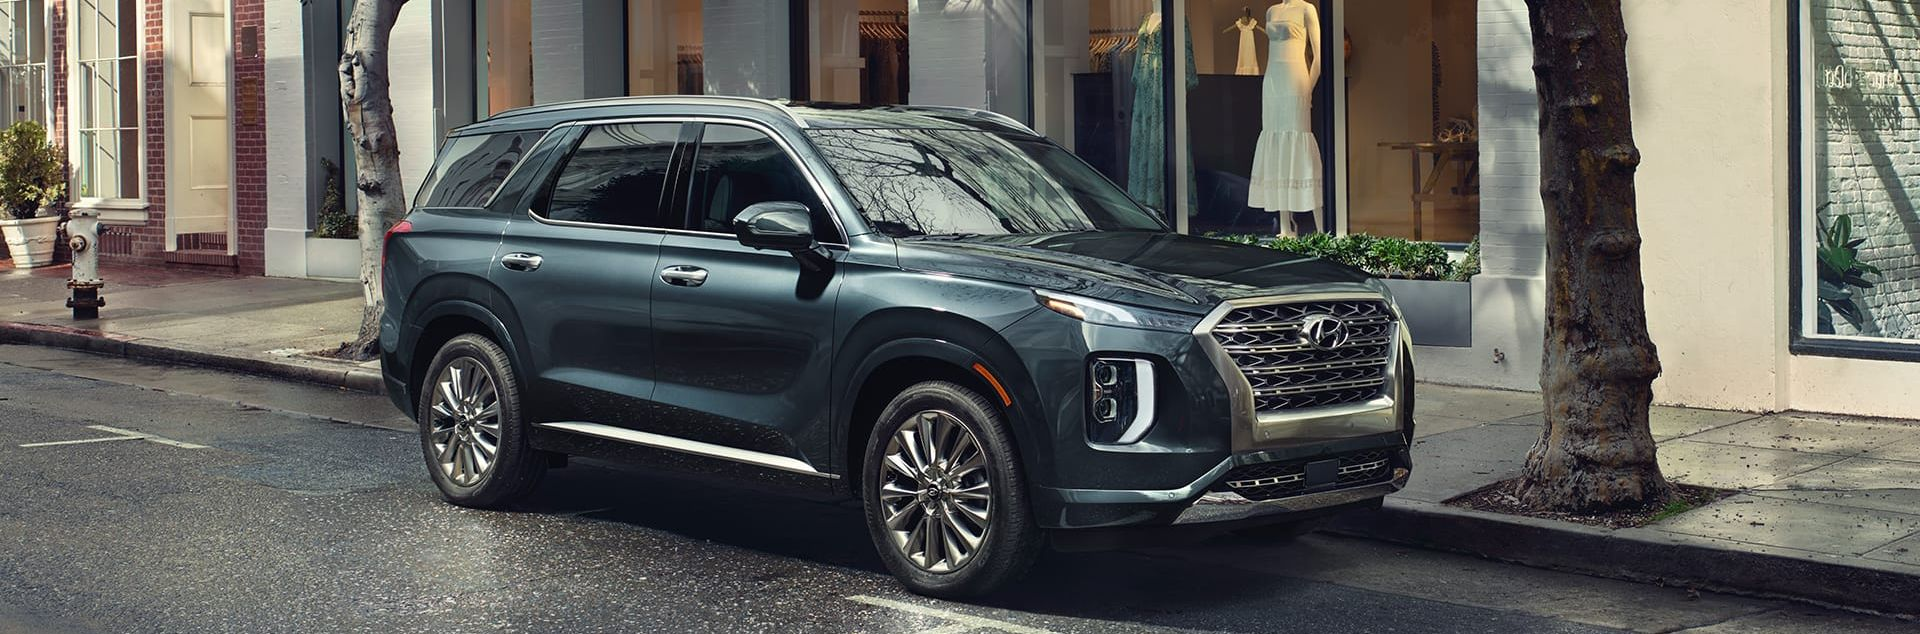 Hyundai Palisade 2020 a la venta cerca de Washington, DC